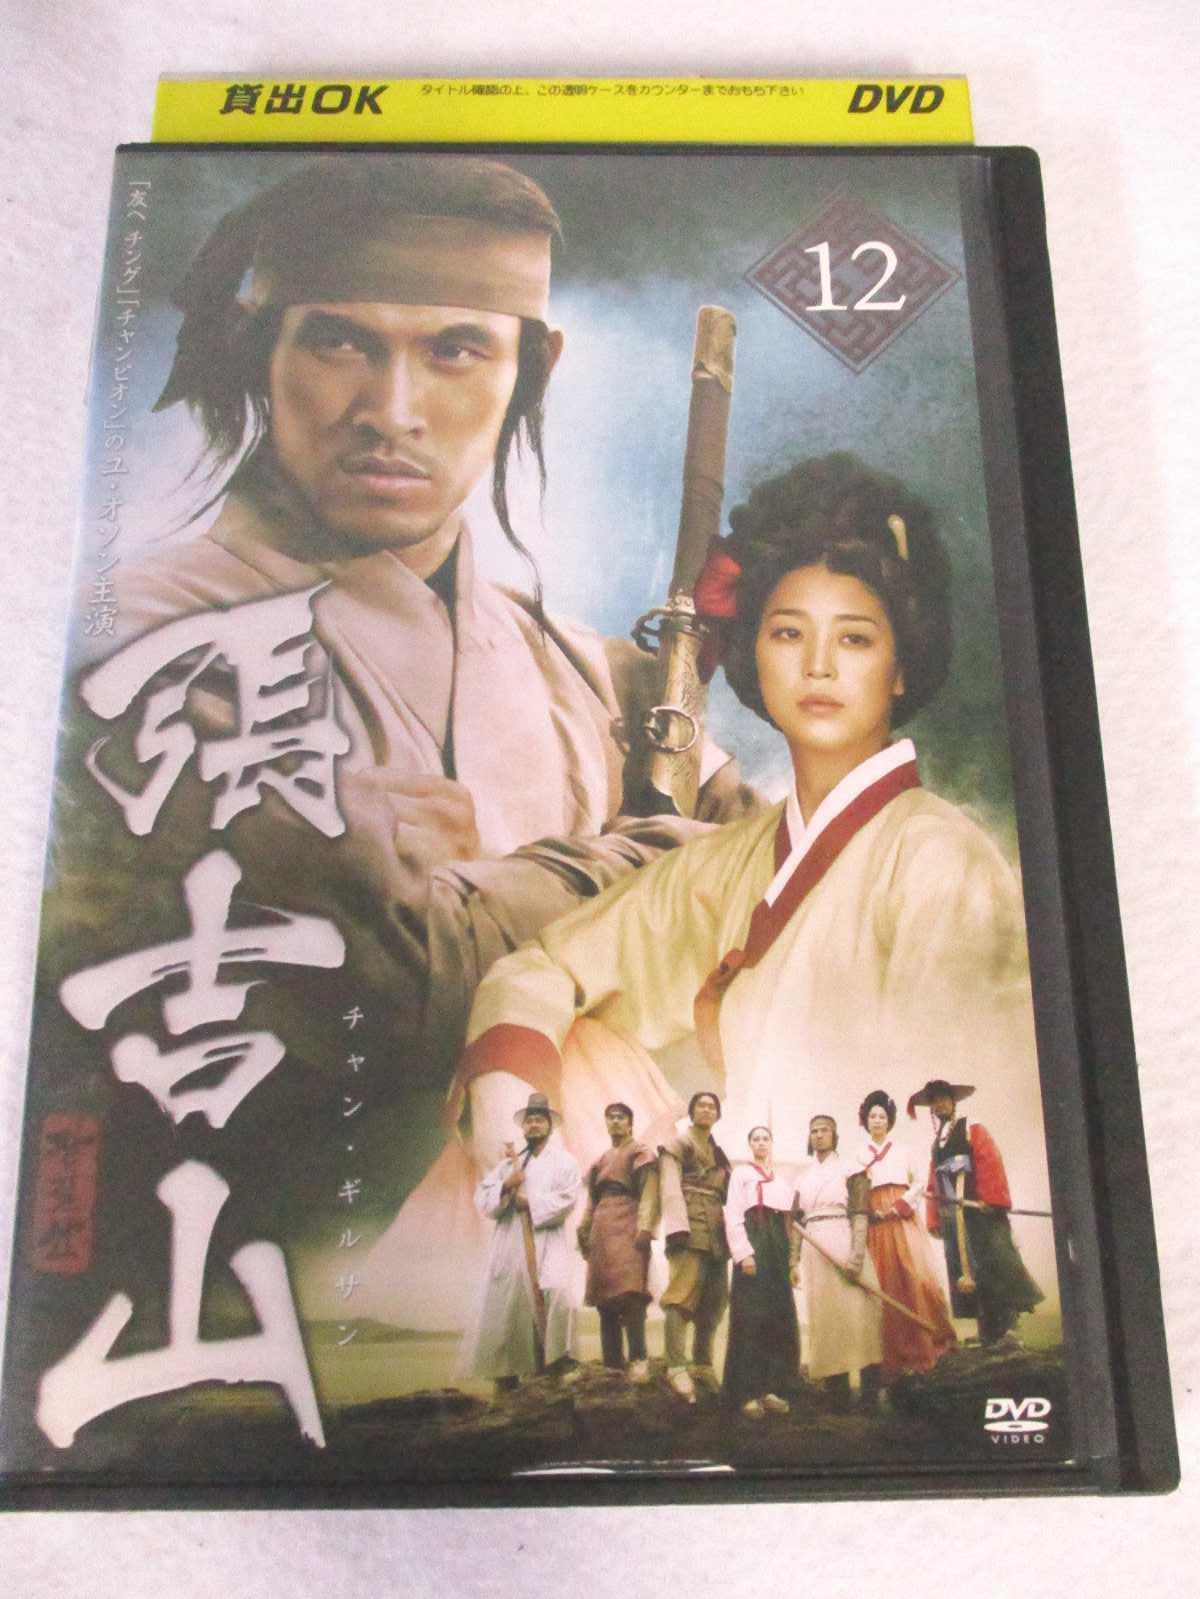 17世紀の朝鮮王朝時代を生きた韓国の国民的英雄チャン ギルサン AD08202 Seasonal Wrap入荷 中古 12 DVD チャン 未使用